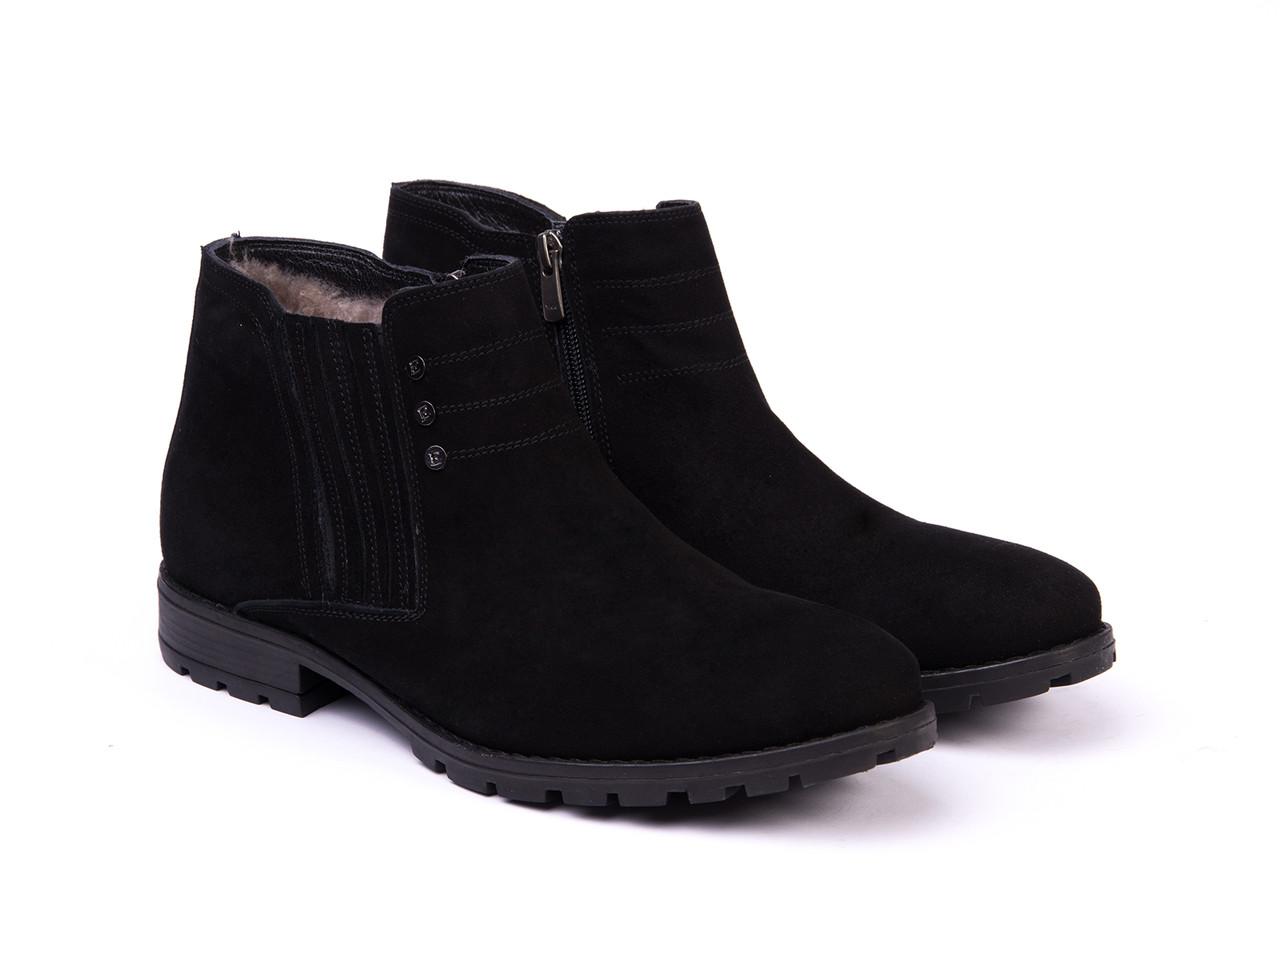 Ботинки Etor 11233-04500 черные